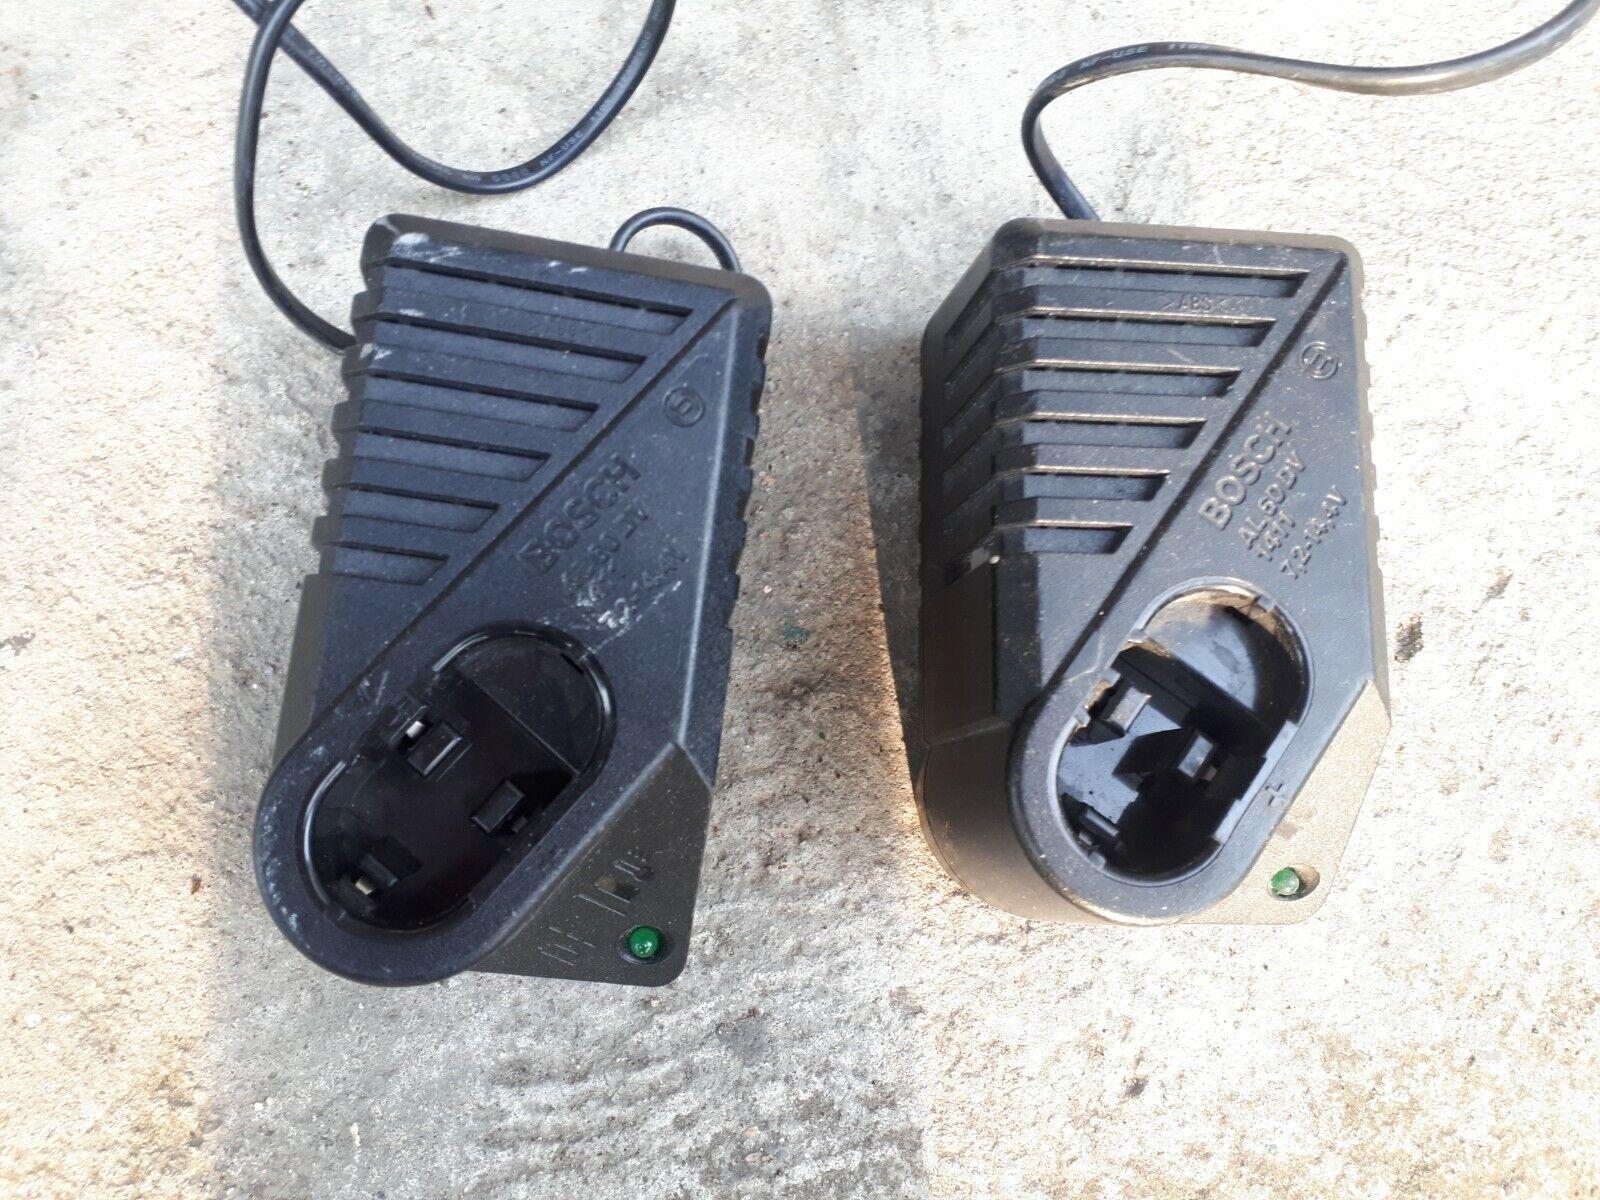 Ladegerät kompatibel Bosch Typ AL 2425 DV 7,2V-24V   Schwarz